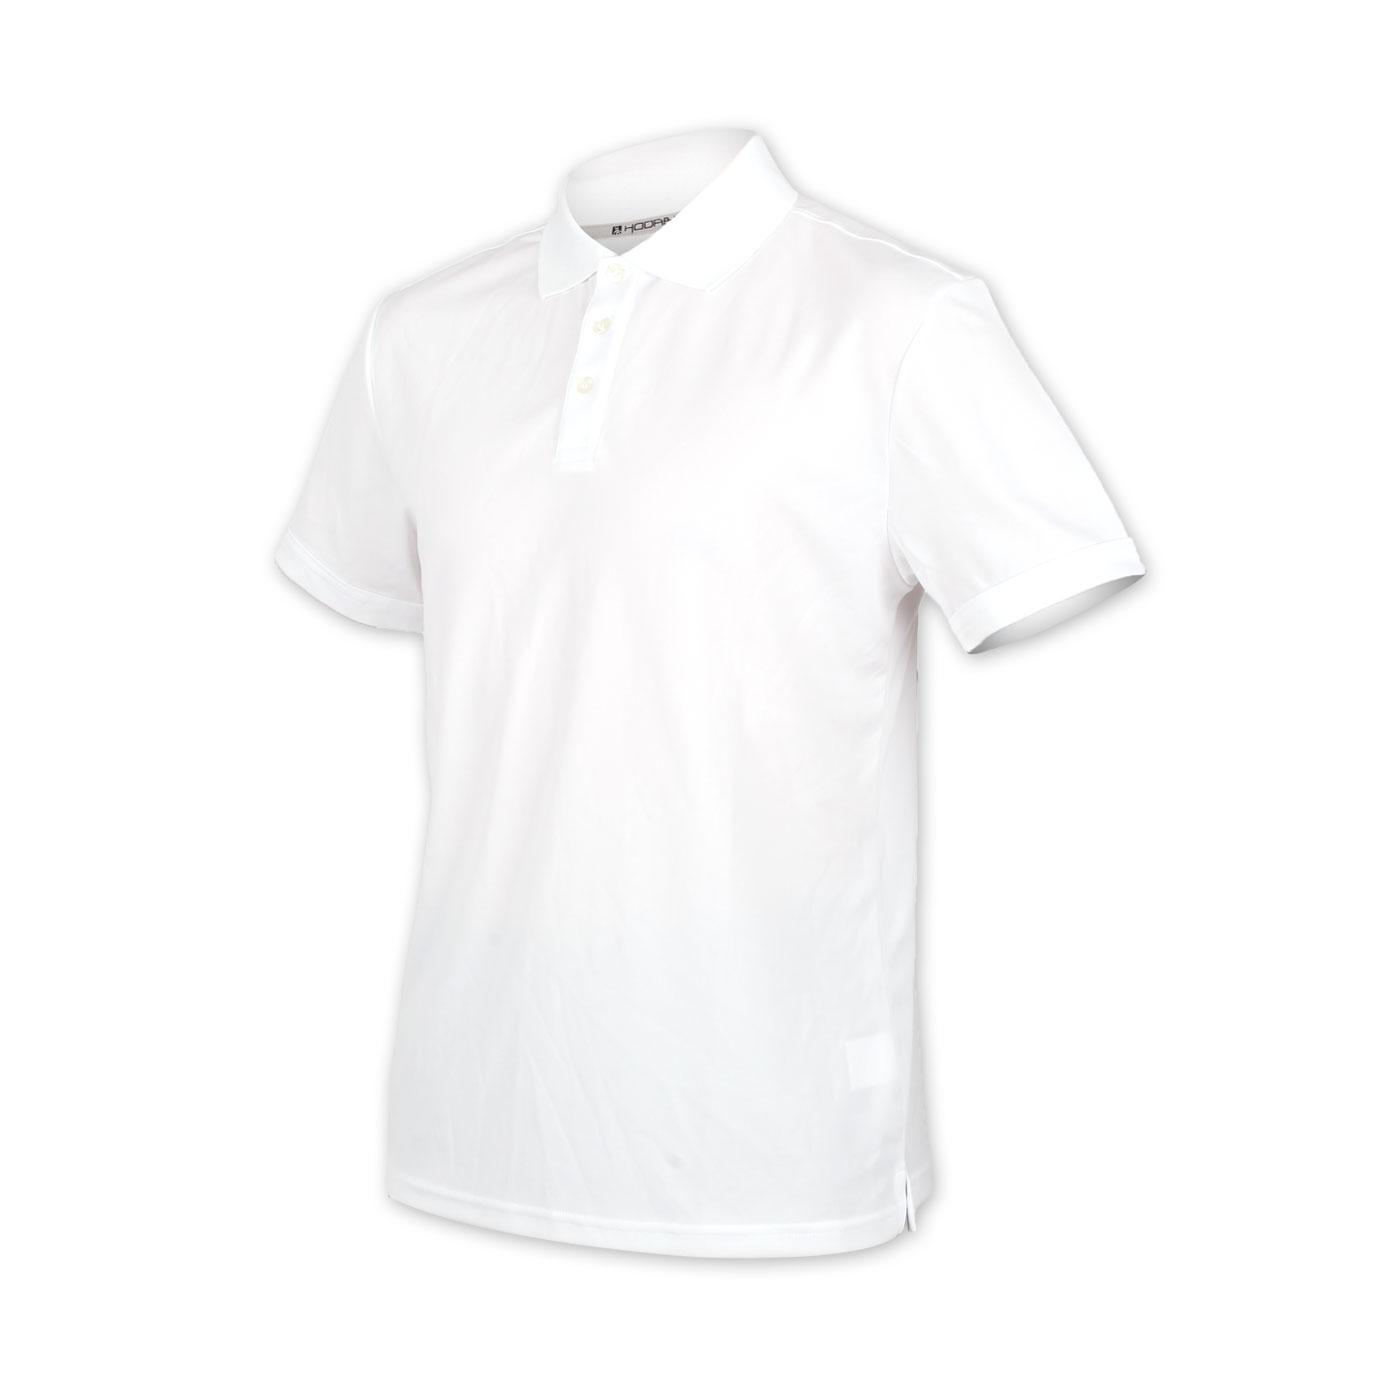 HODARLA 星際吸濕排汗短袖POLO衫 3151501 - 白